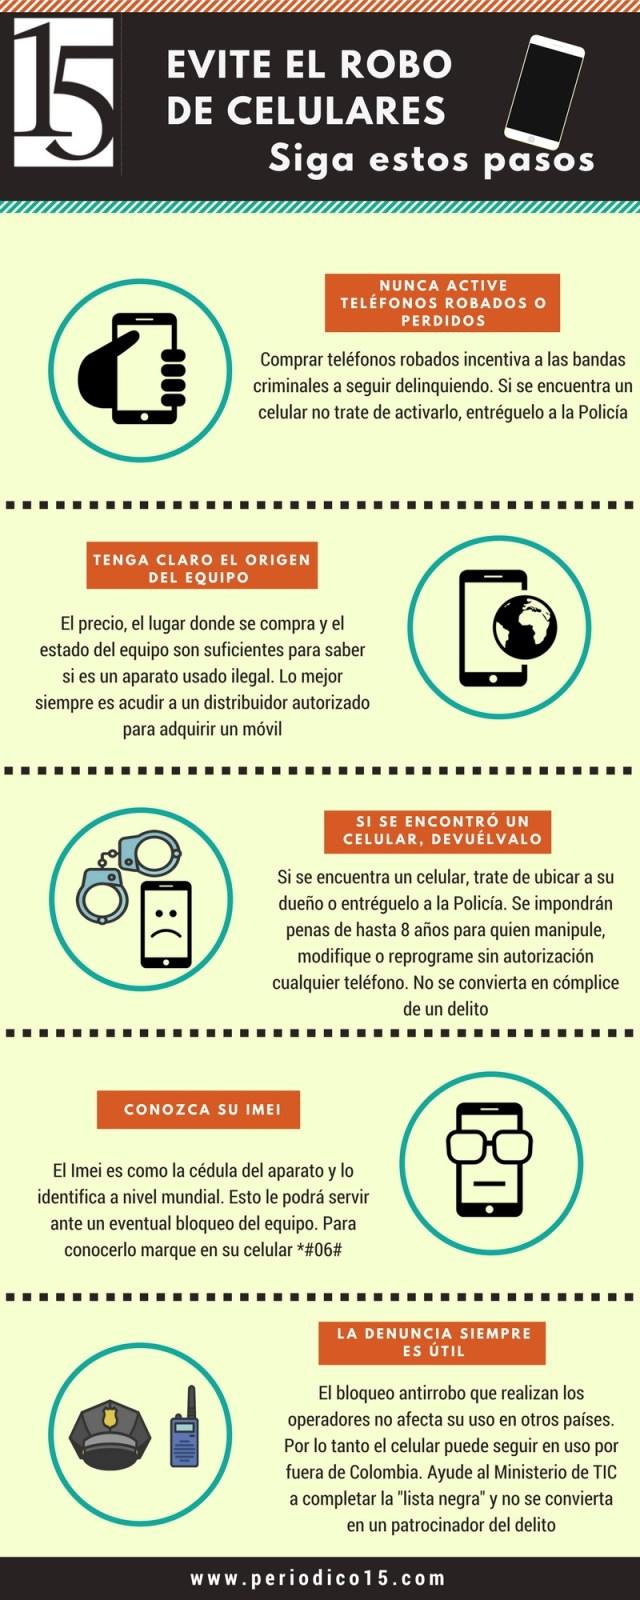 Sigue estos pasos para que no te conviertas en cómplice de bandas criminales dedicados al hurto, la modificación y la venta de celulares ilegales.